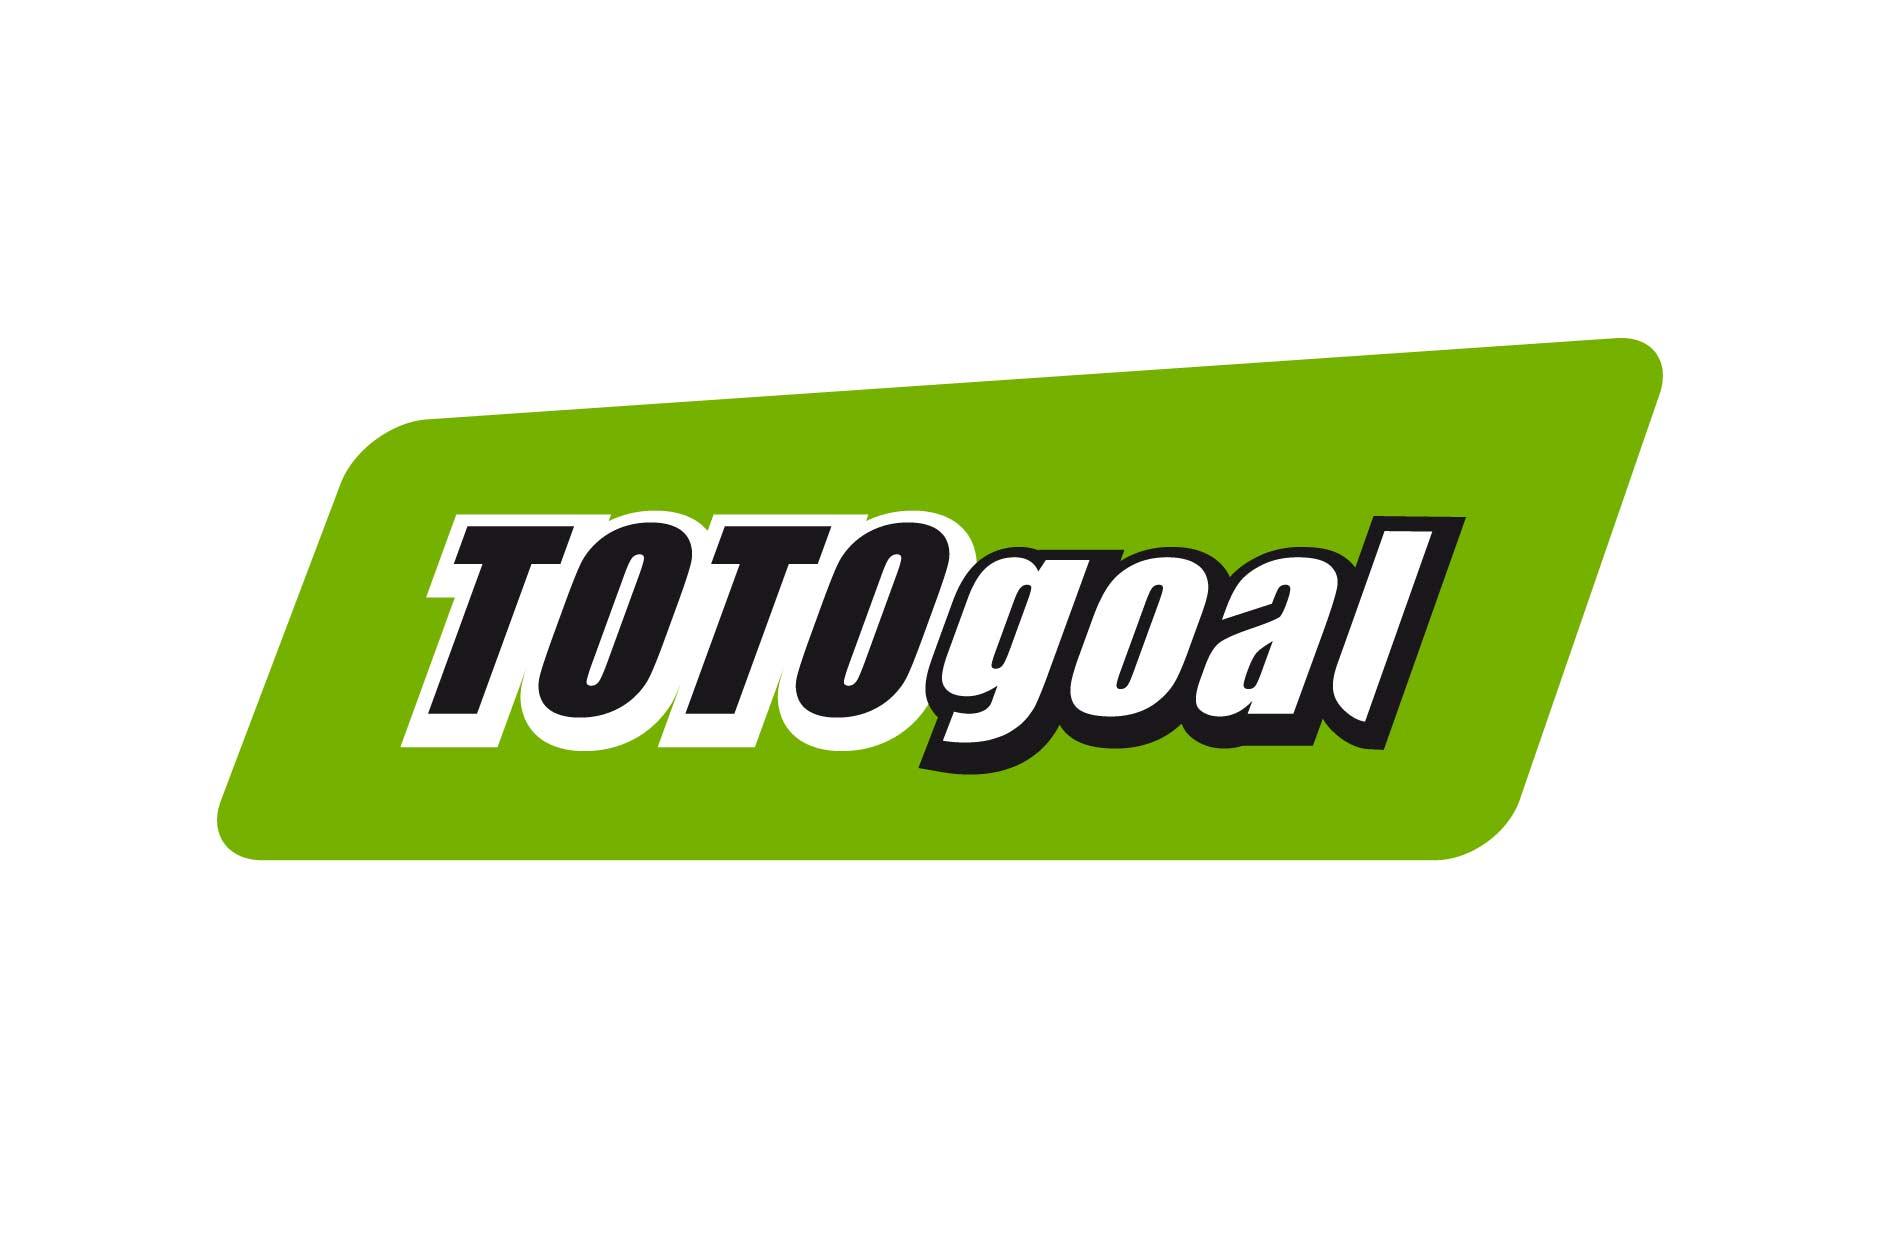 TOTOgoal